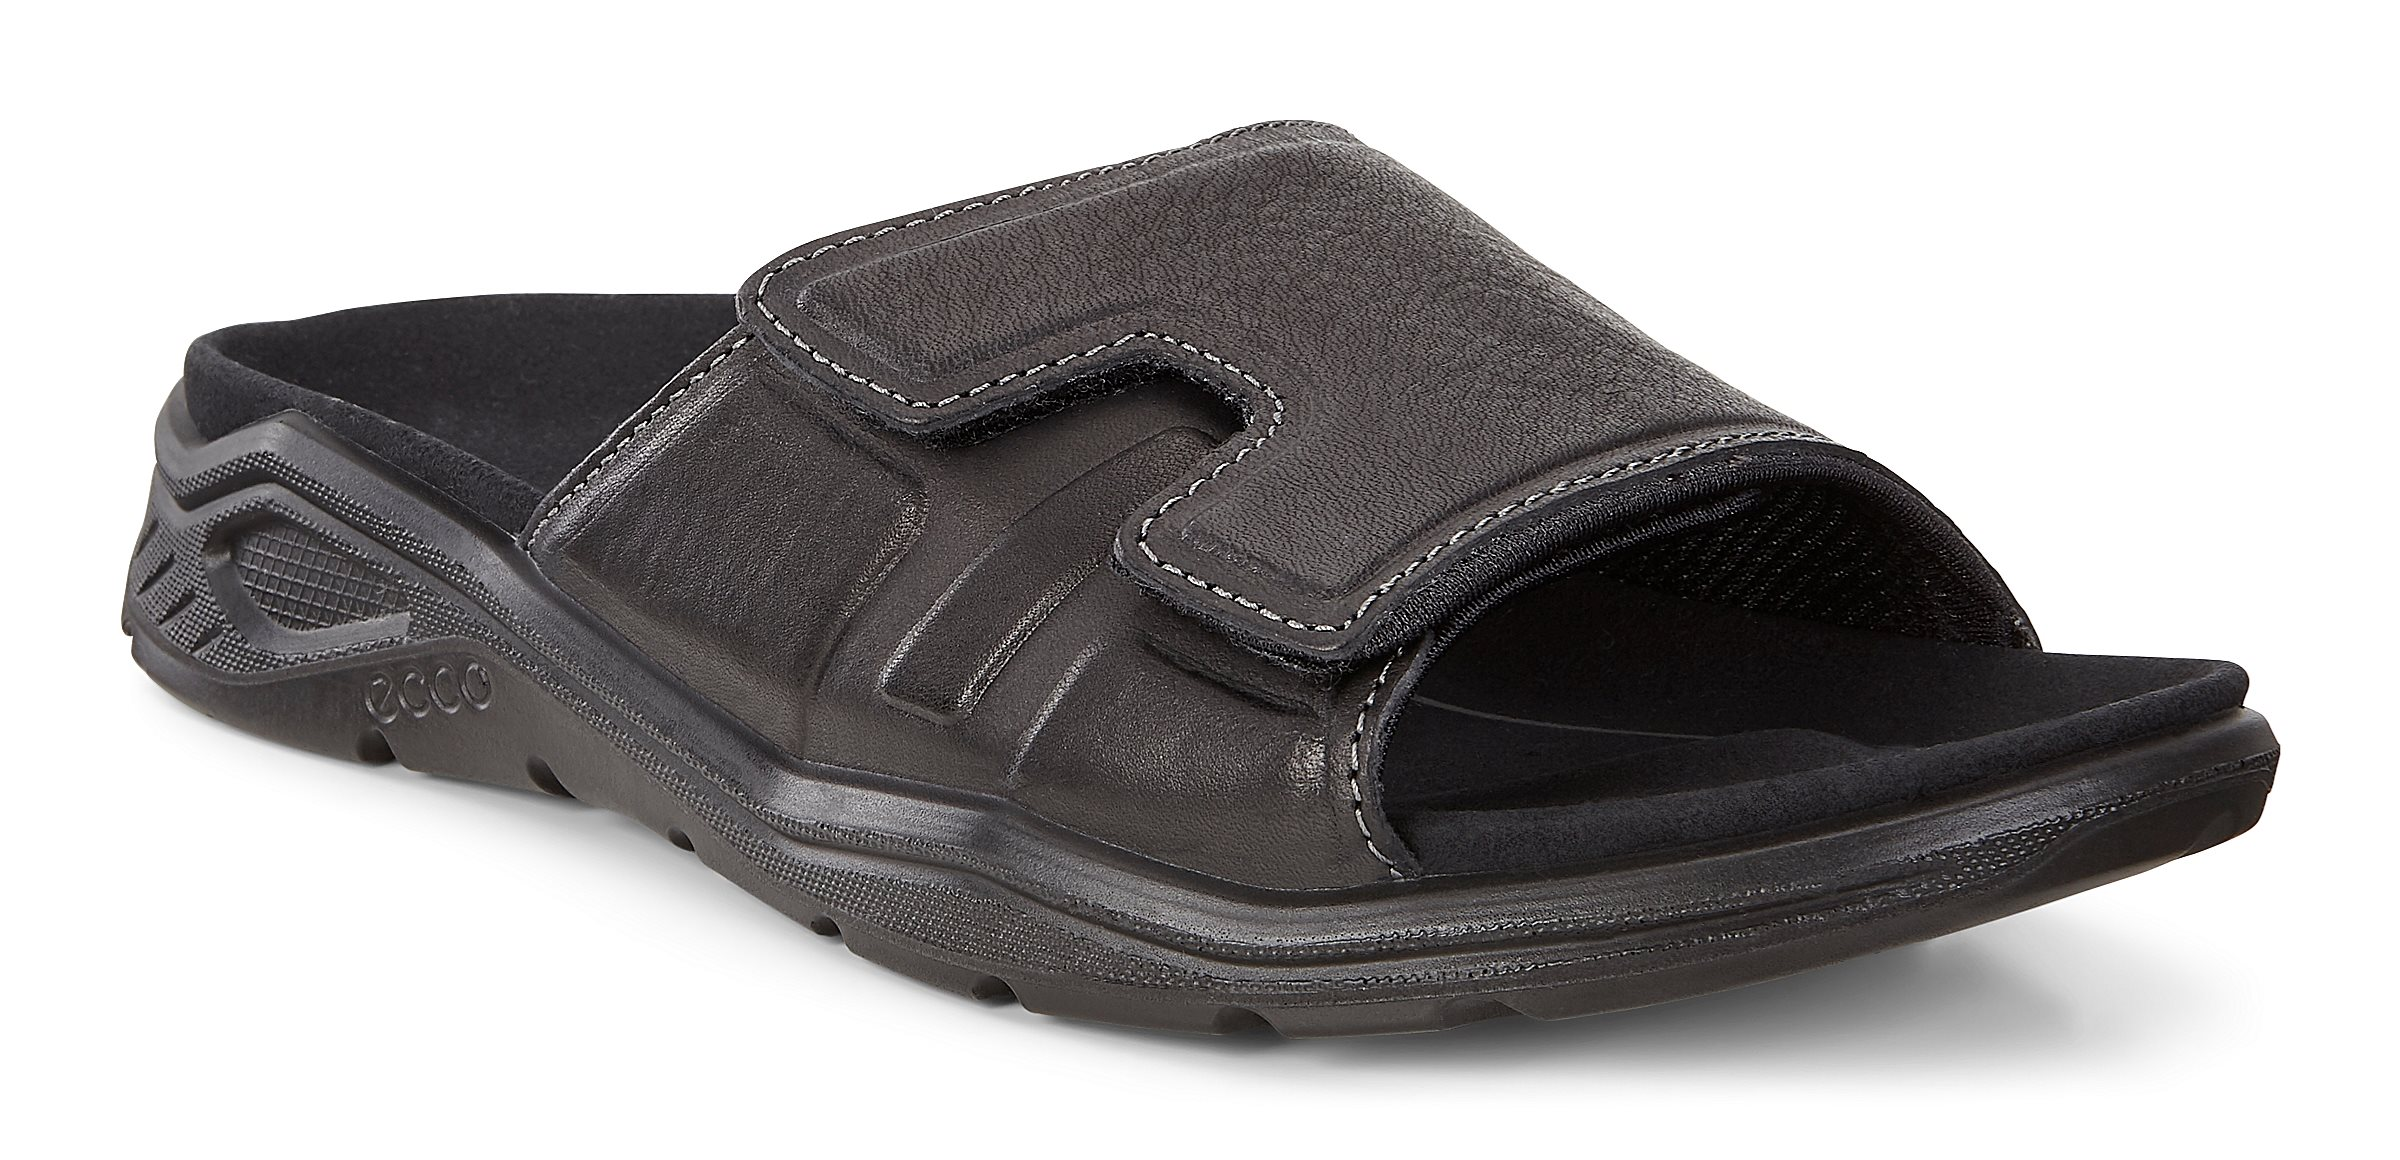 Für Ecco® Sandalen Offiziellen DamenIm Shop Einkaufen N0wvny8Om